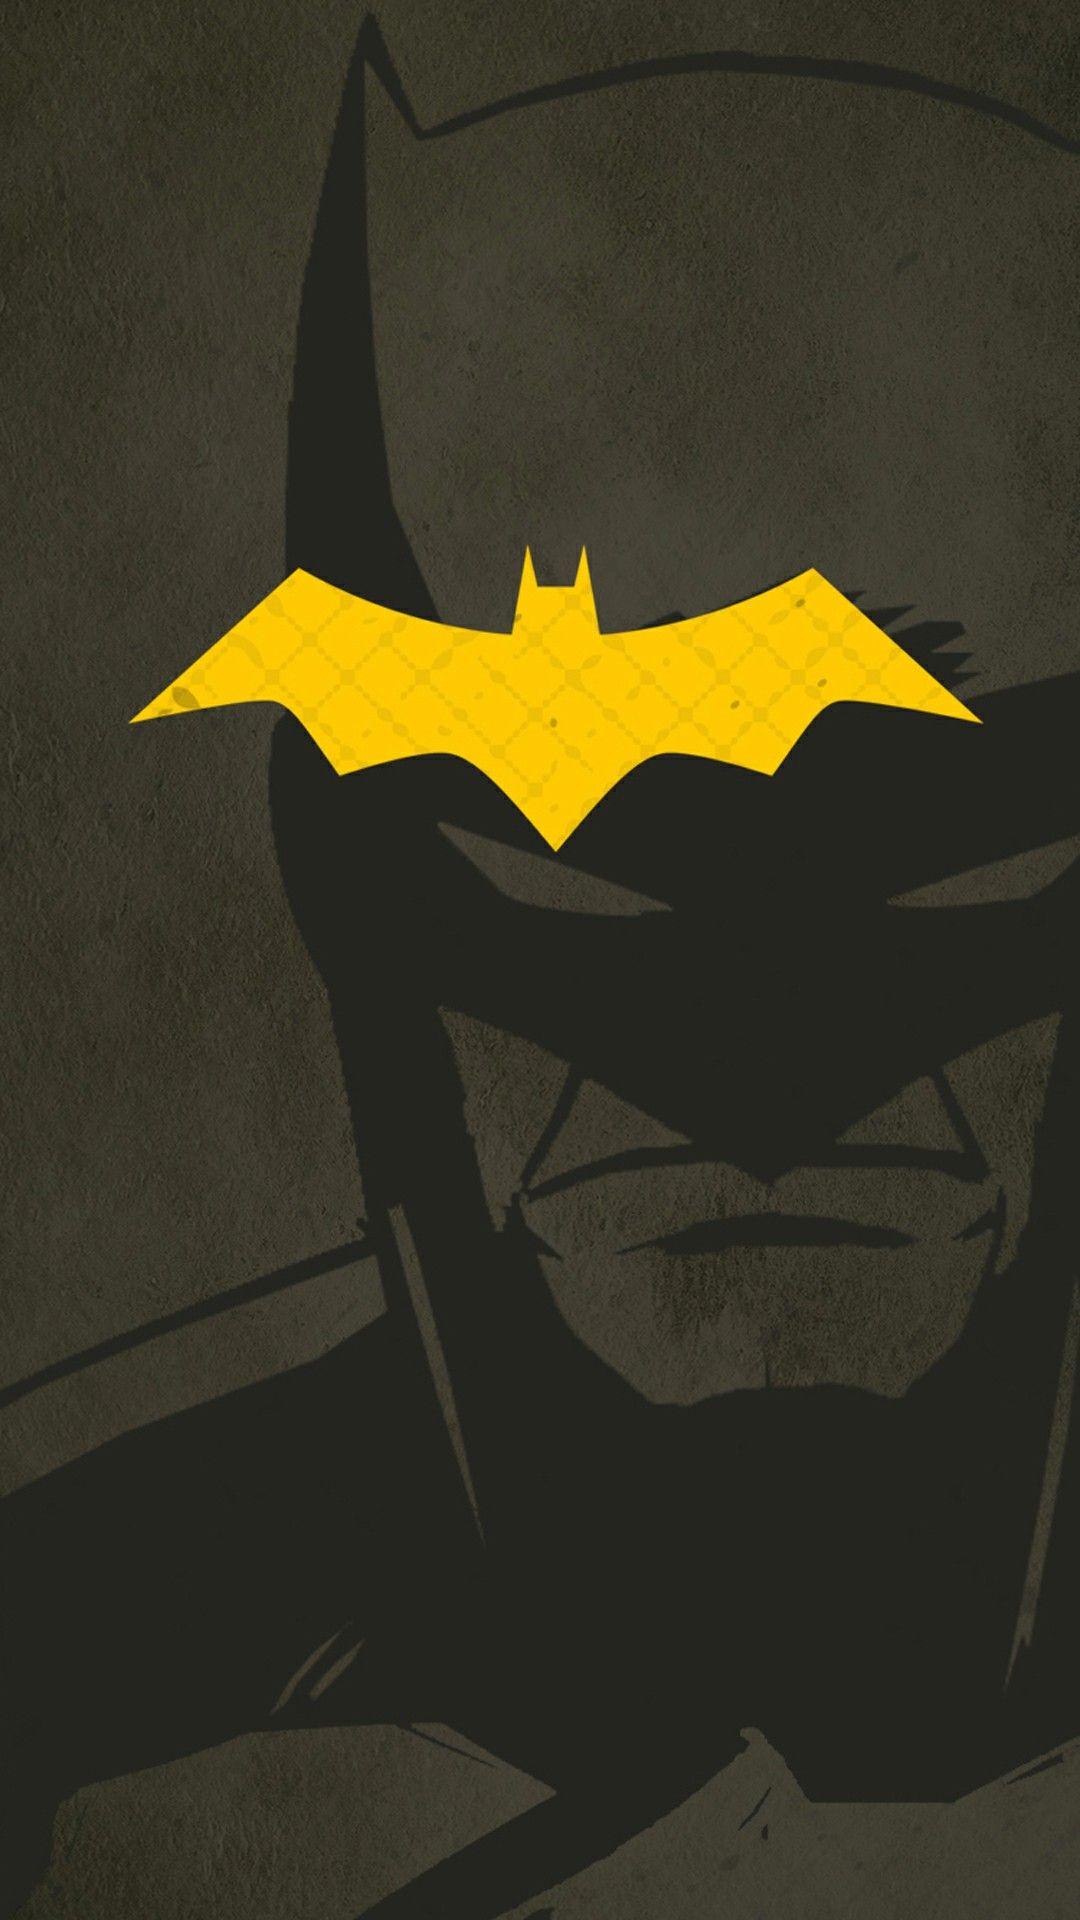 Pin by Nehas on Batman | Batman, Batman wallpaper, Batman poster